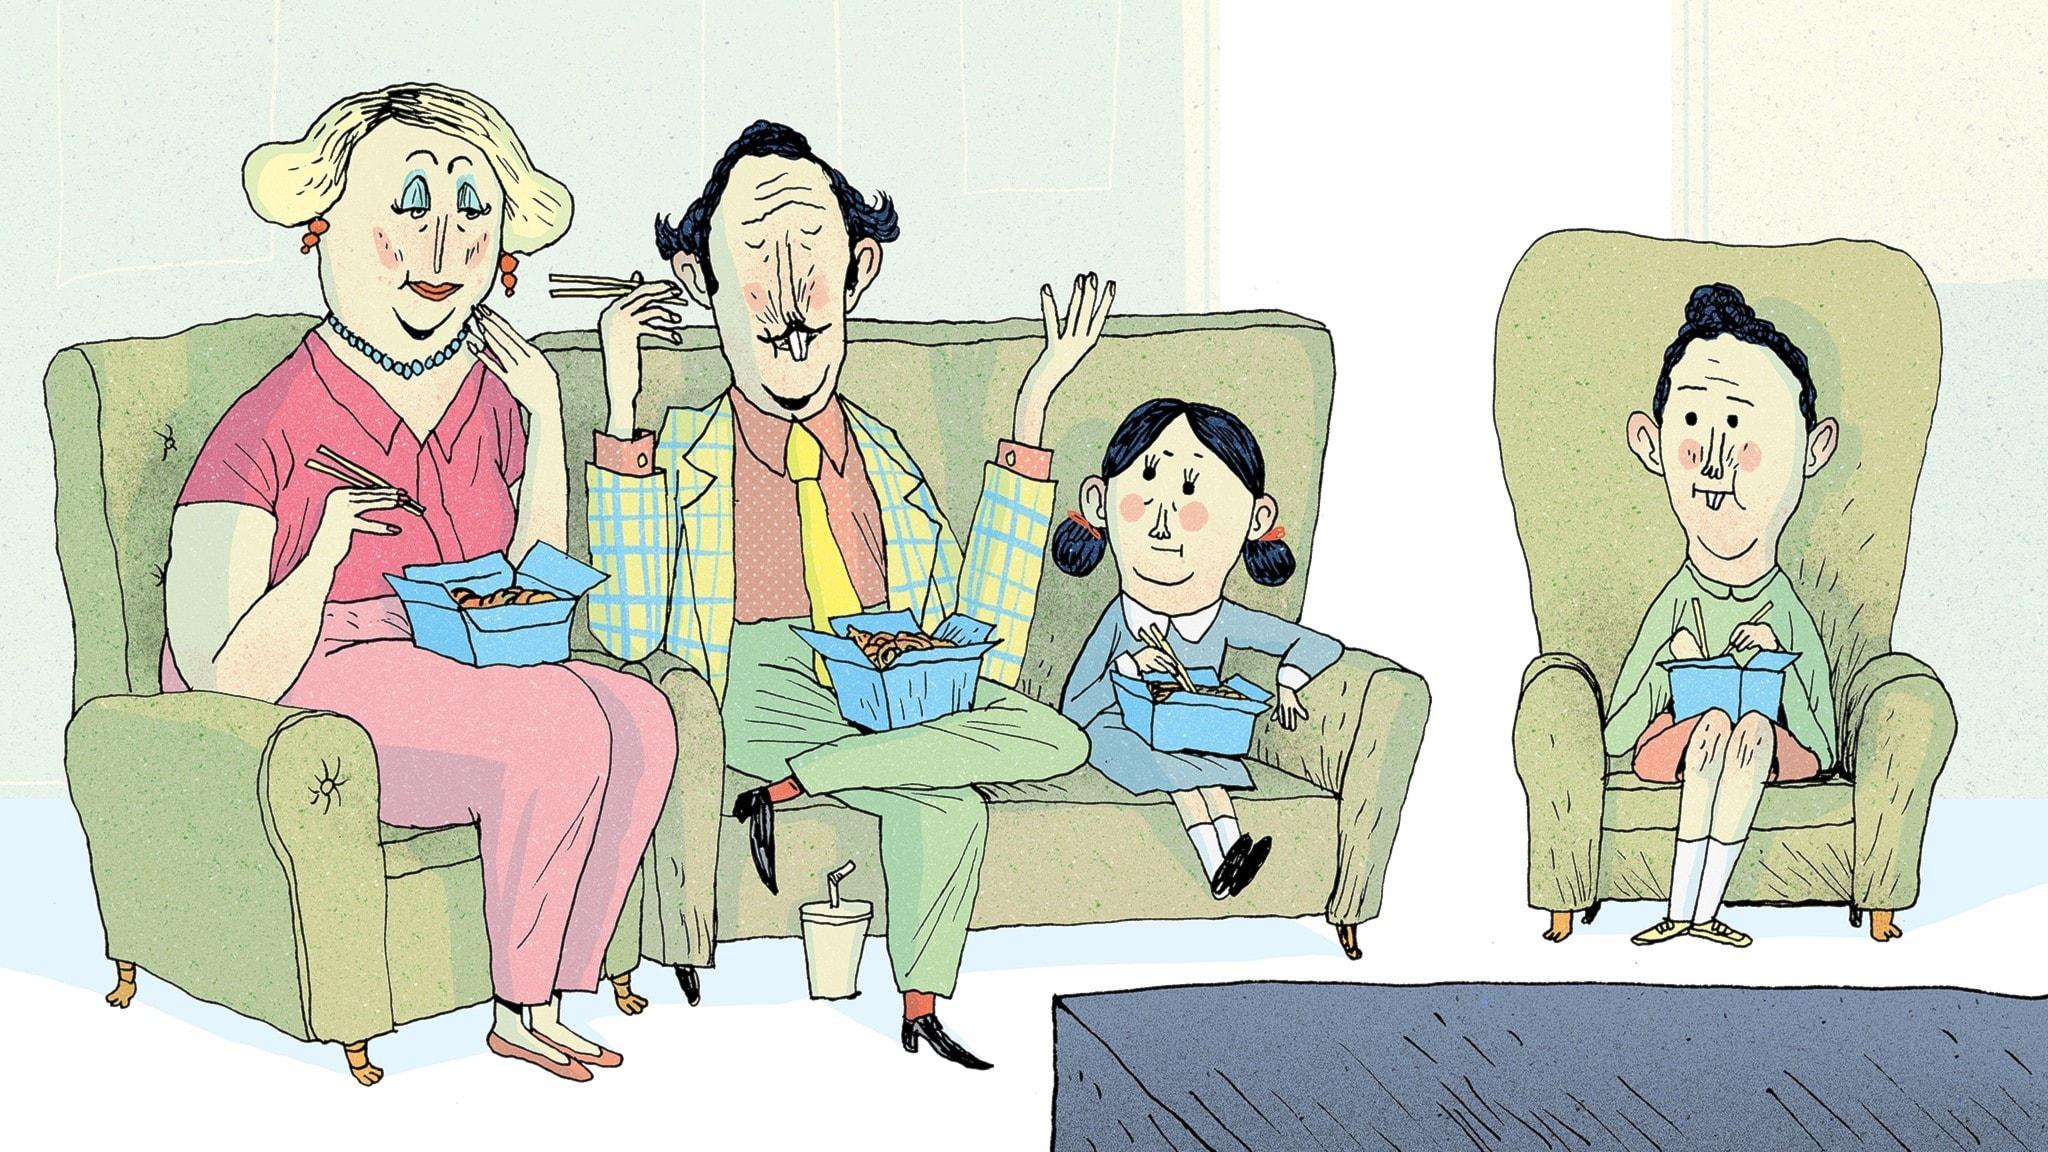 Matilda  äter middag framför TV:n tillsammans med sin familj. Bild: Erik Svetoft